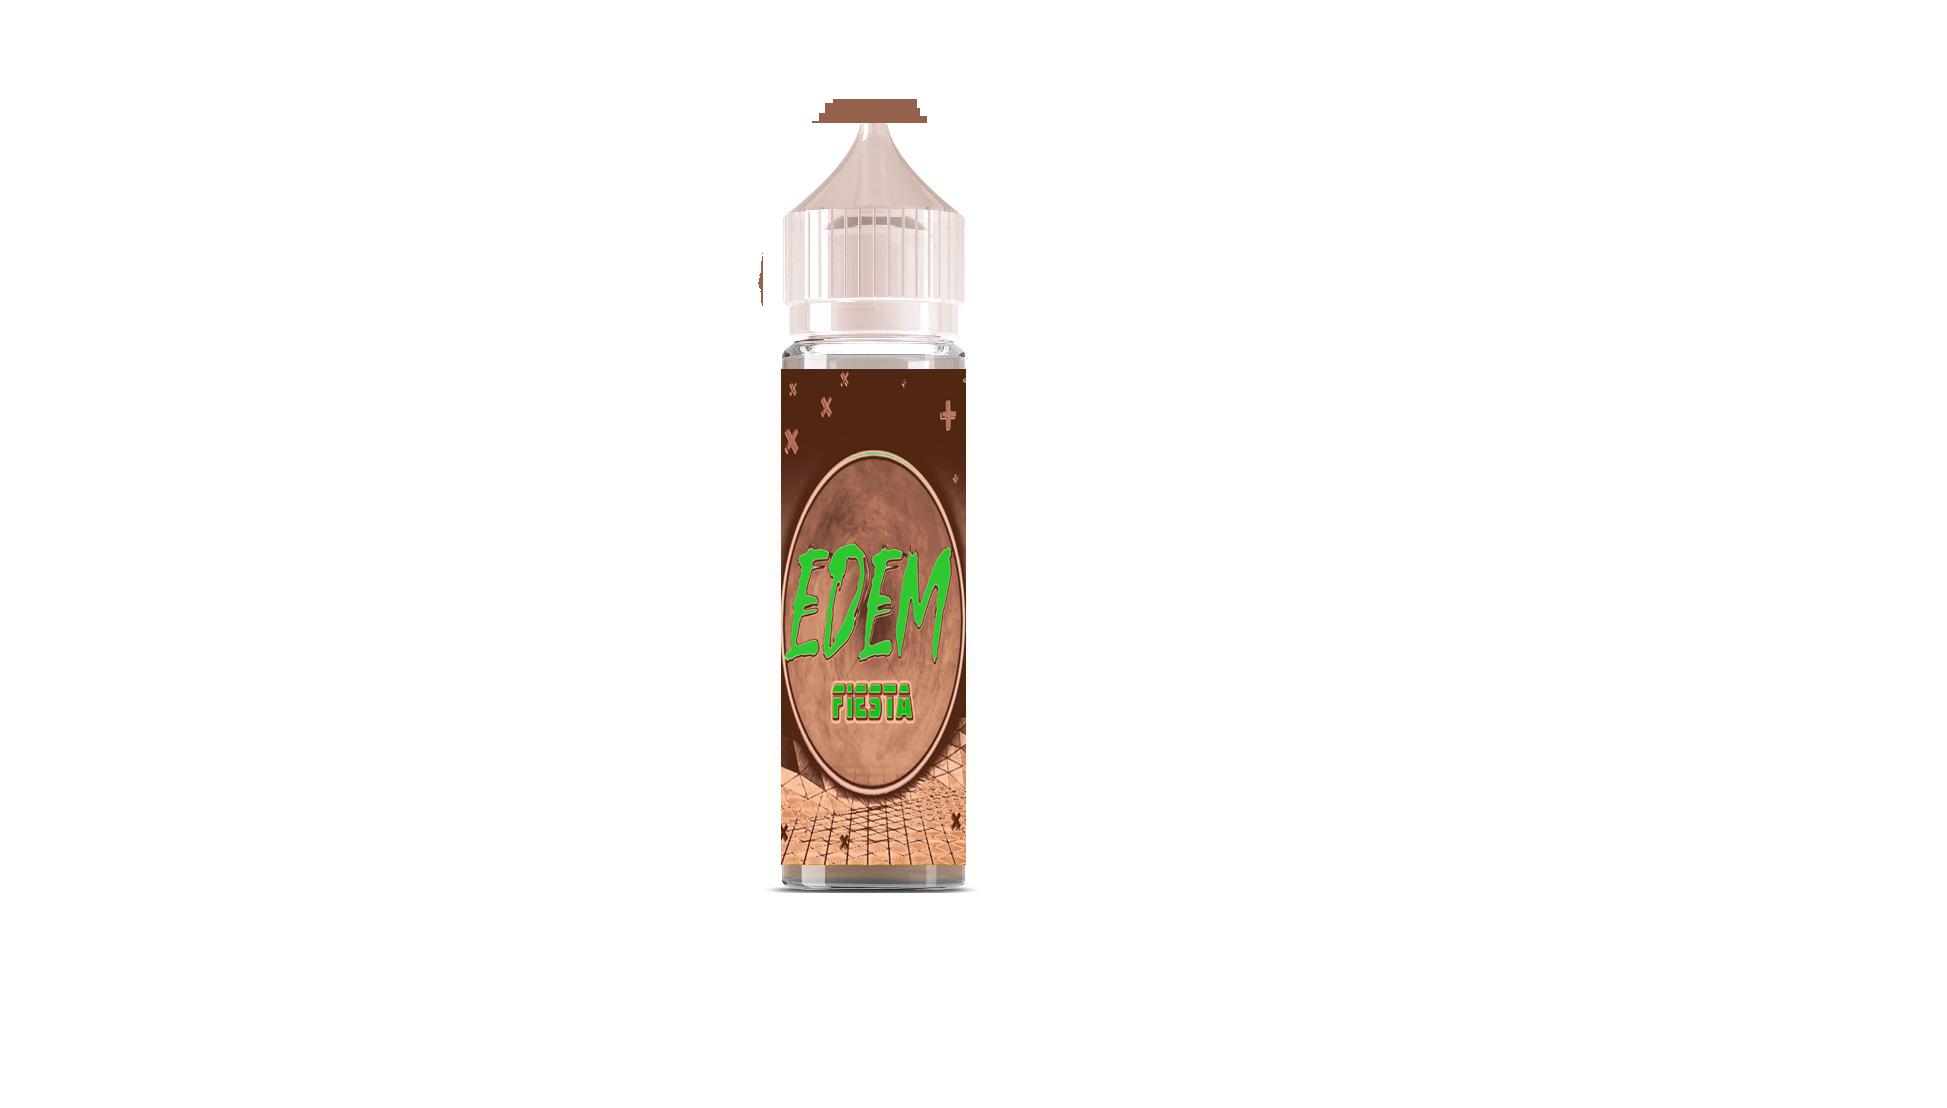 Этикетка для жидкости электронных сигарет  фото f_33658fddc847dcff.png